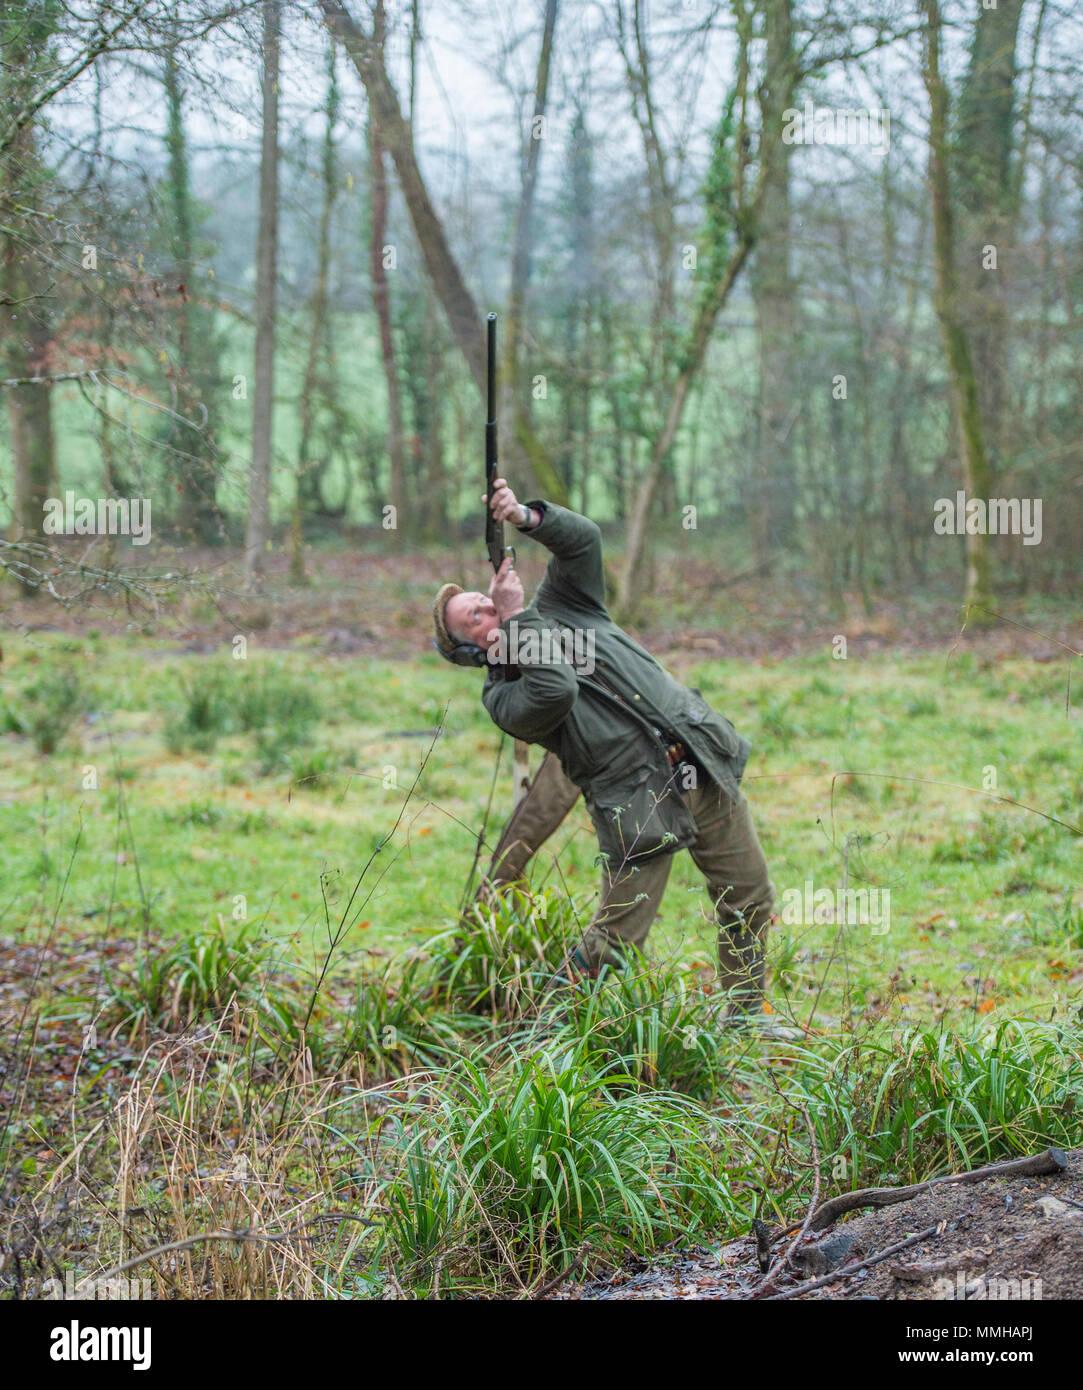 man shooting pheasants - Stock Image